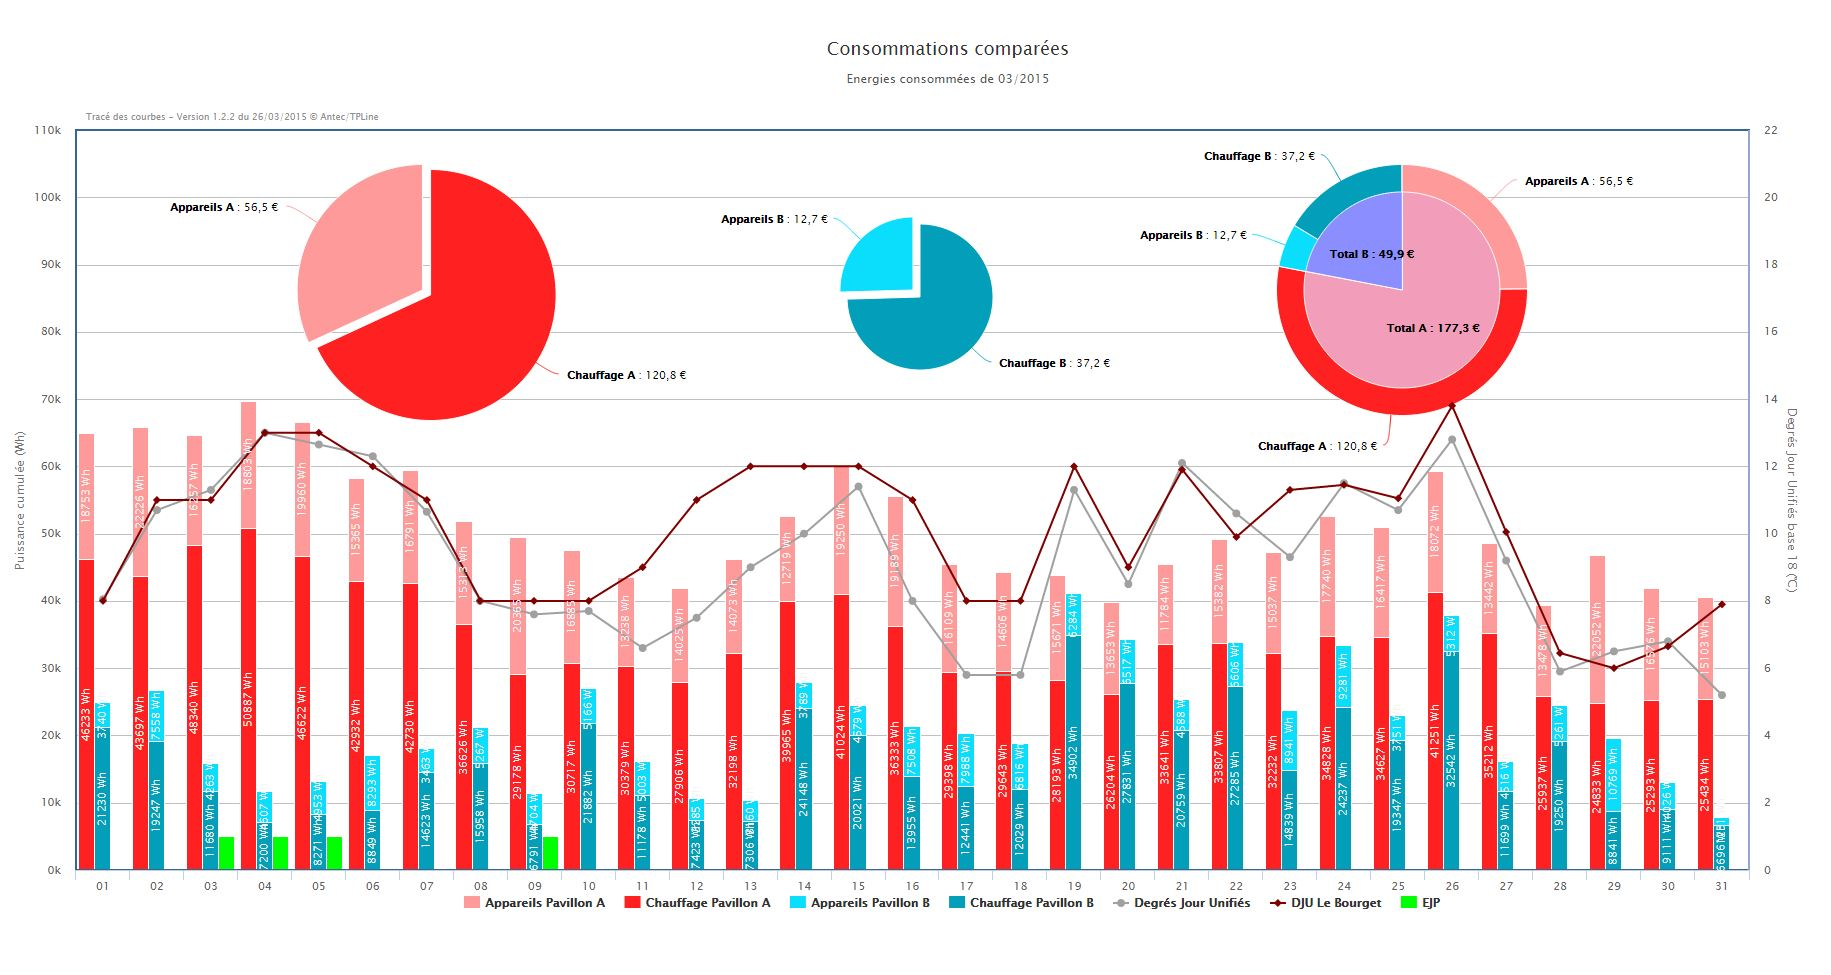 Mesure de consommation d'énergie JLM graphique_1.jpg